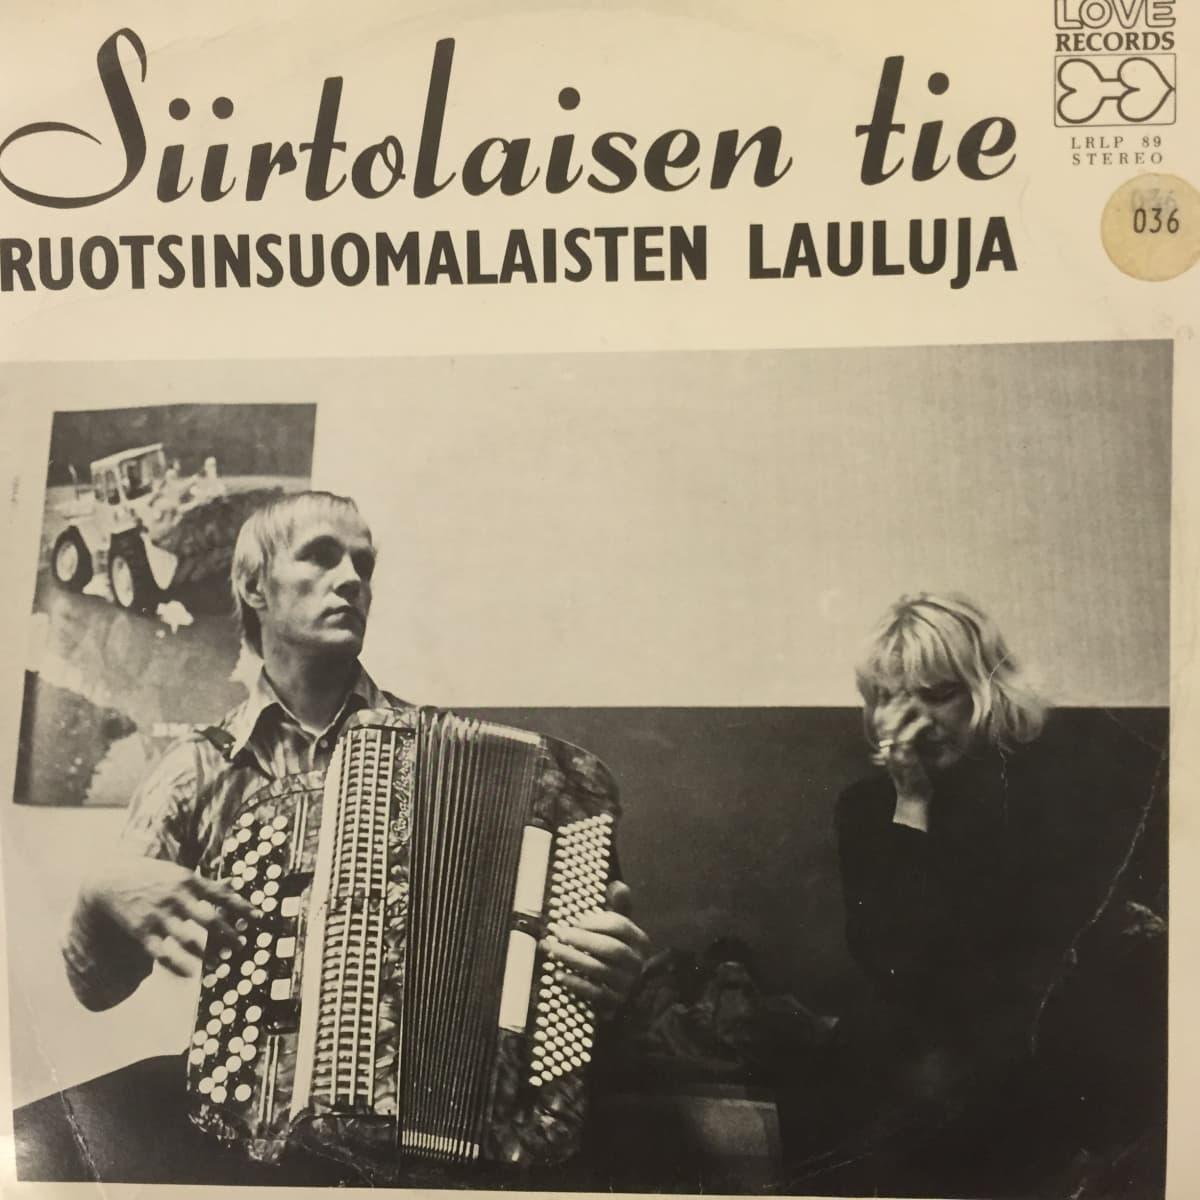 Vuonna 1973 julkaistun lp-levyn Siirtolaisen tie kansi